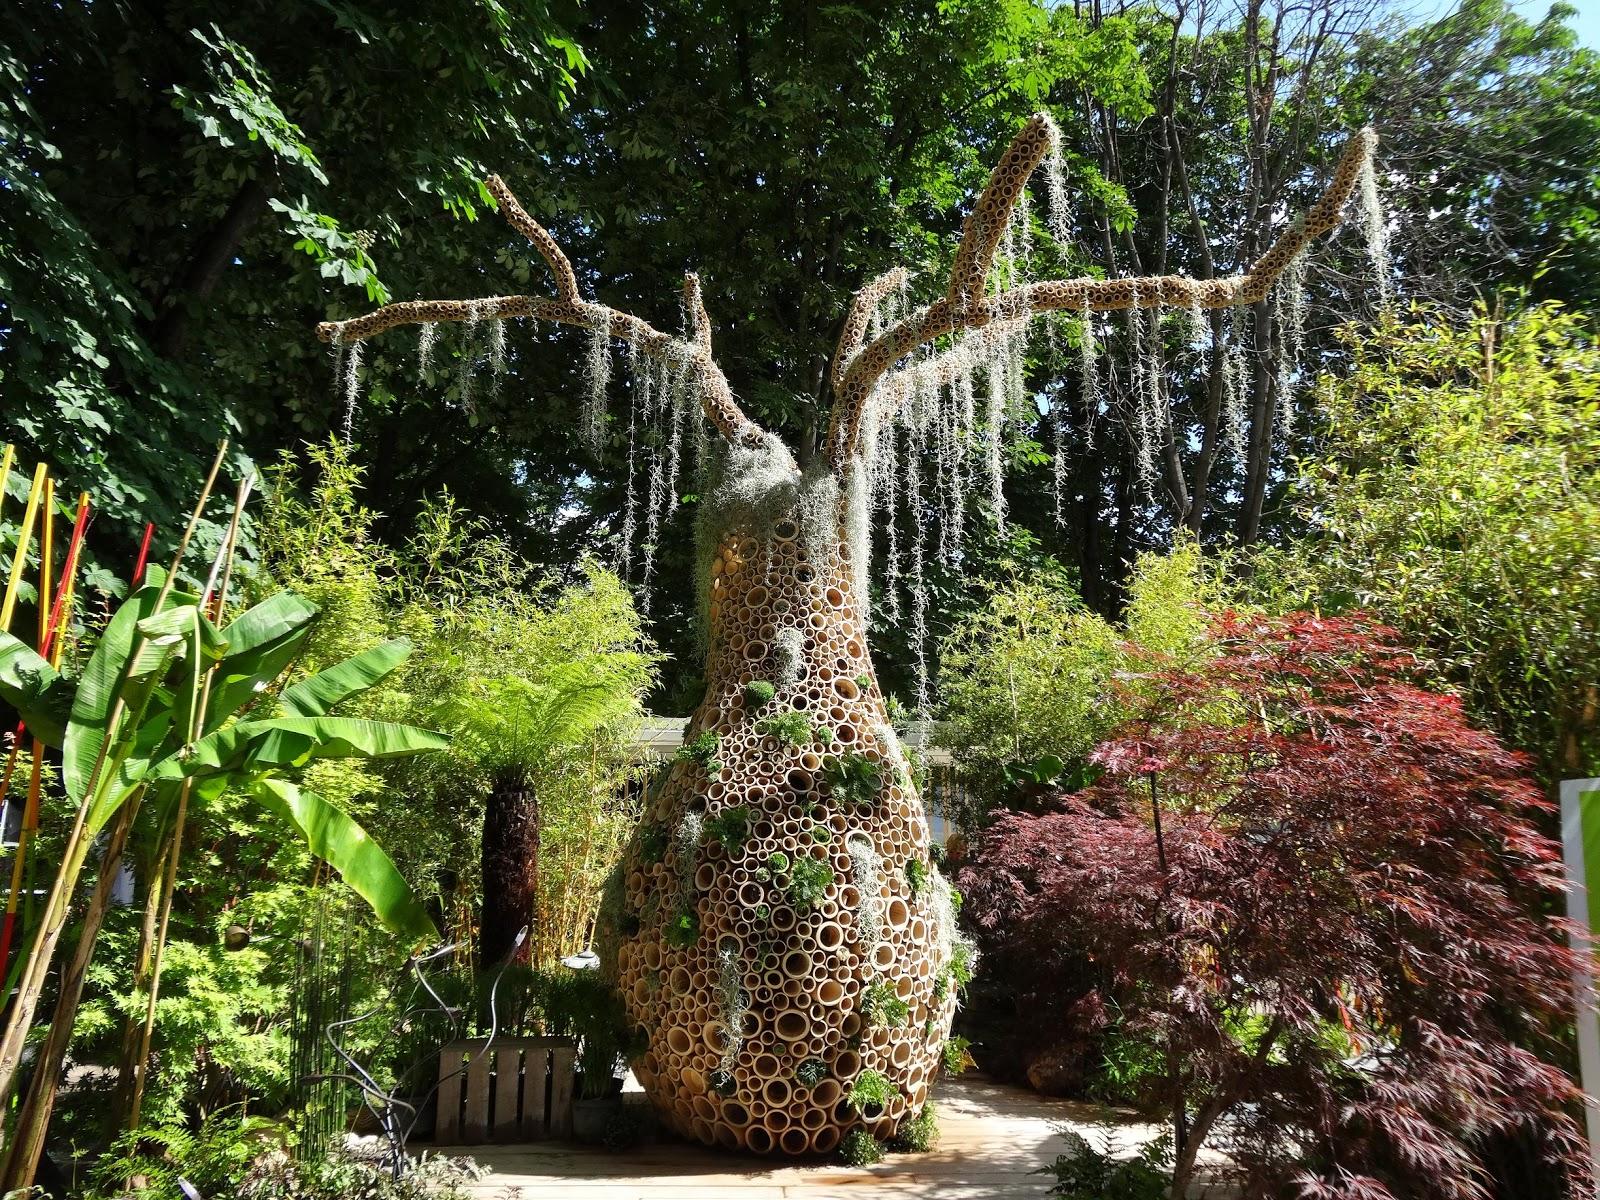 Le blog de parcs et jardins de l 39 oise jardins jardin for Art du jardin zbinden sa